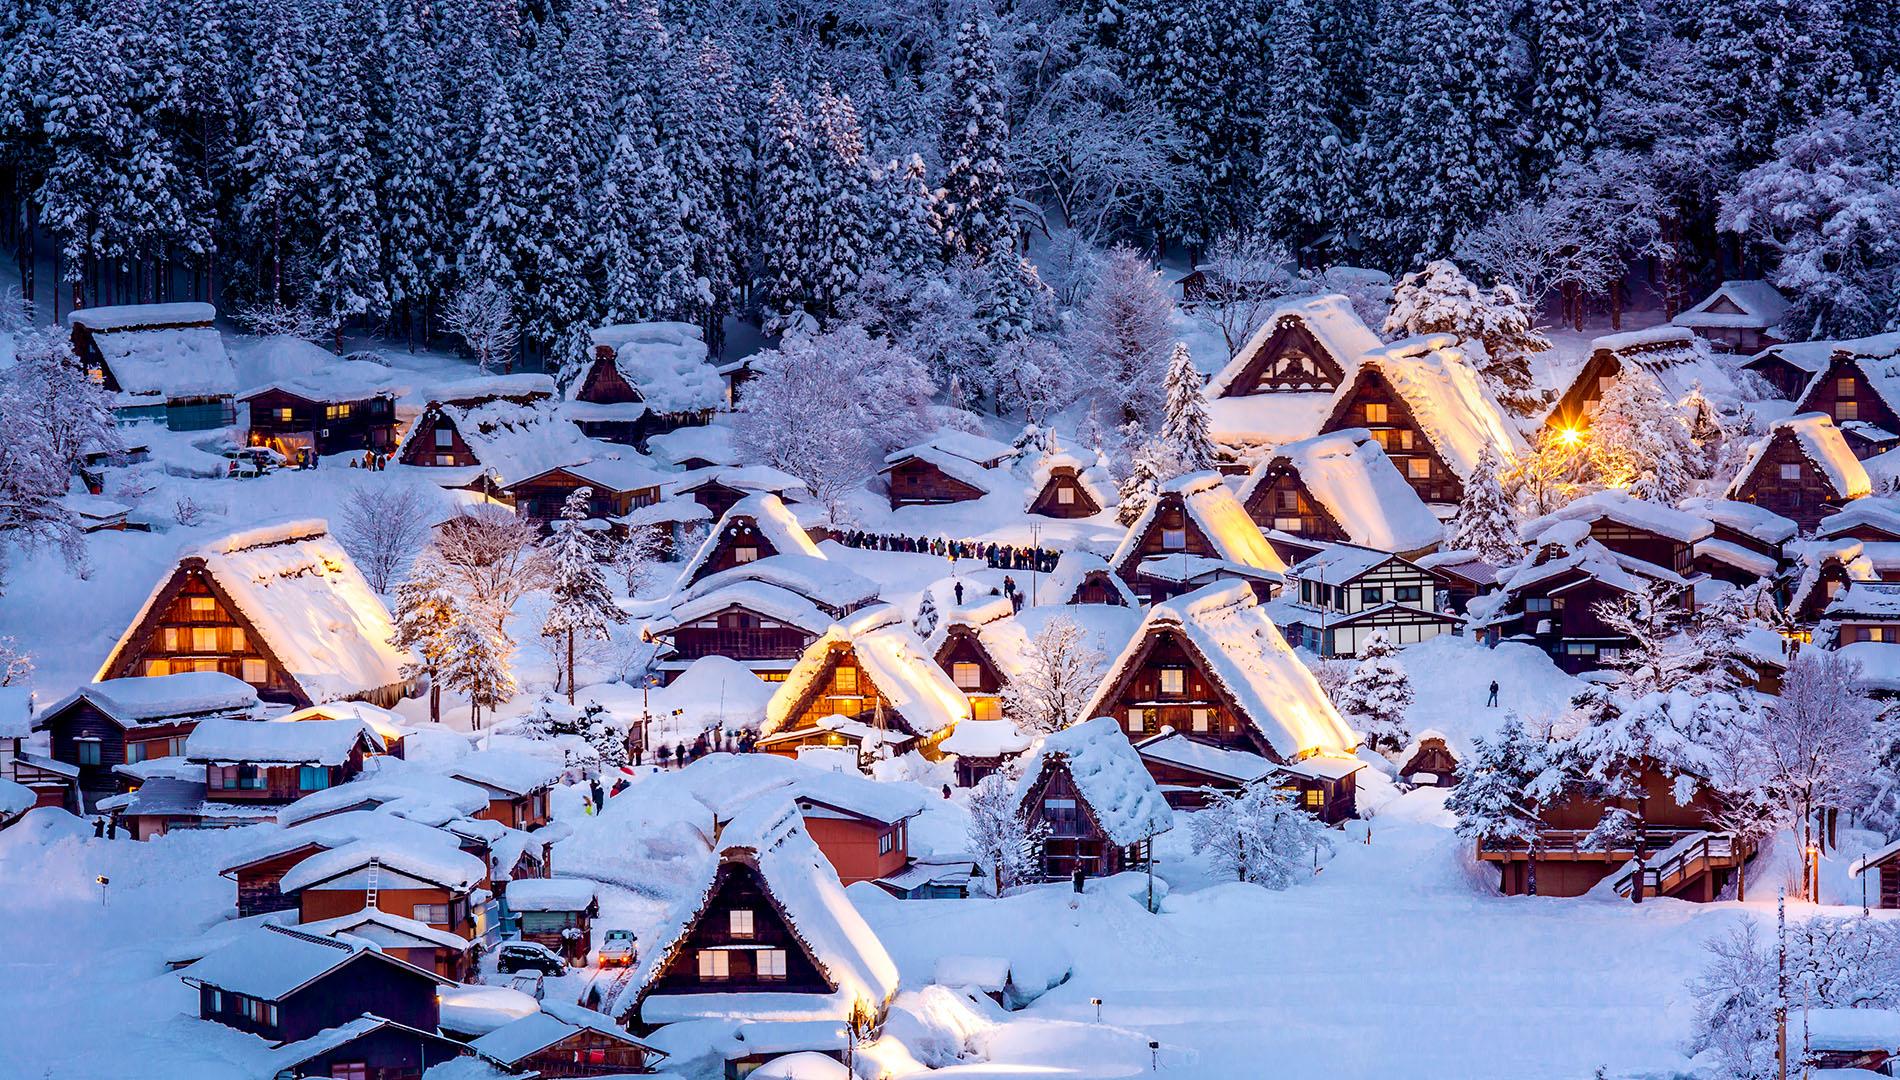 Vẻ đẹp không thể cưỡng lại của 3 ngôi làng cổ Nhật Bản vào mùa đông